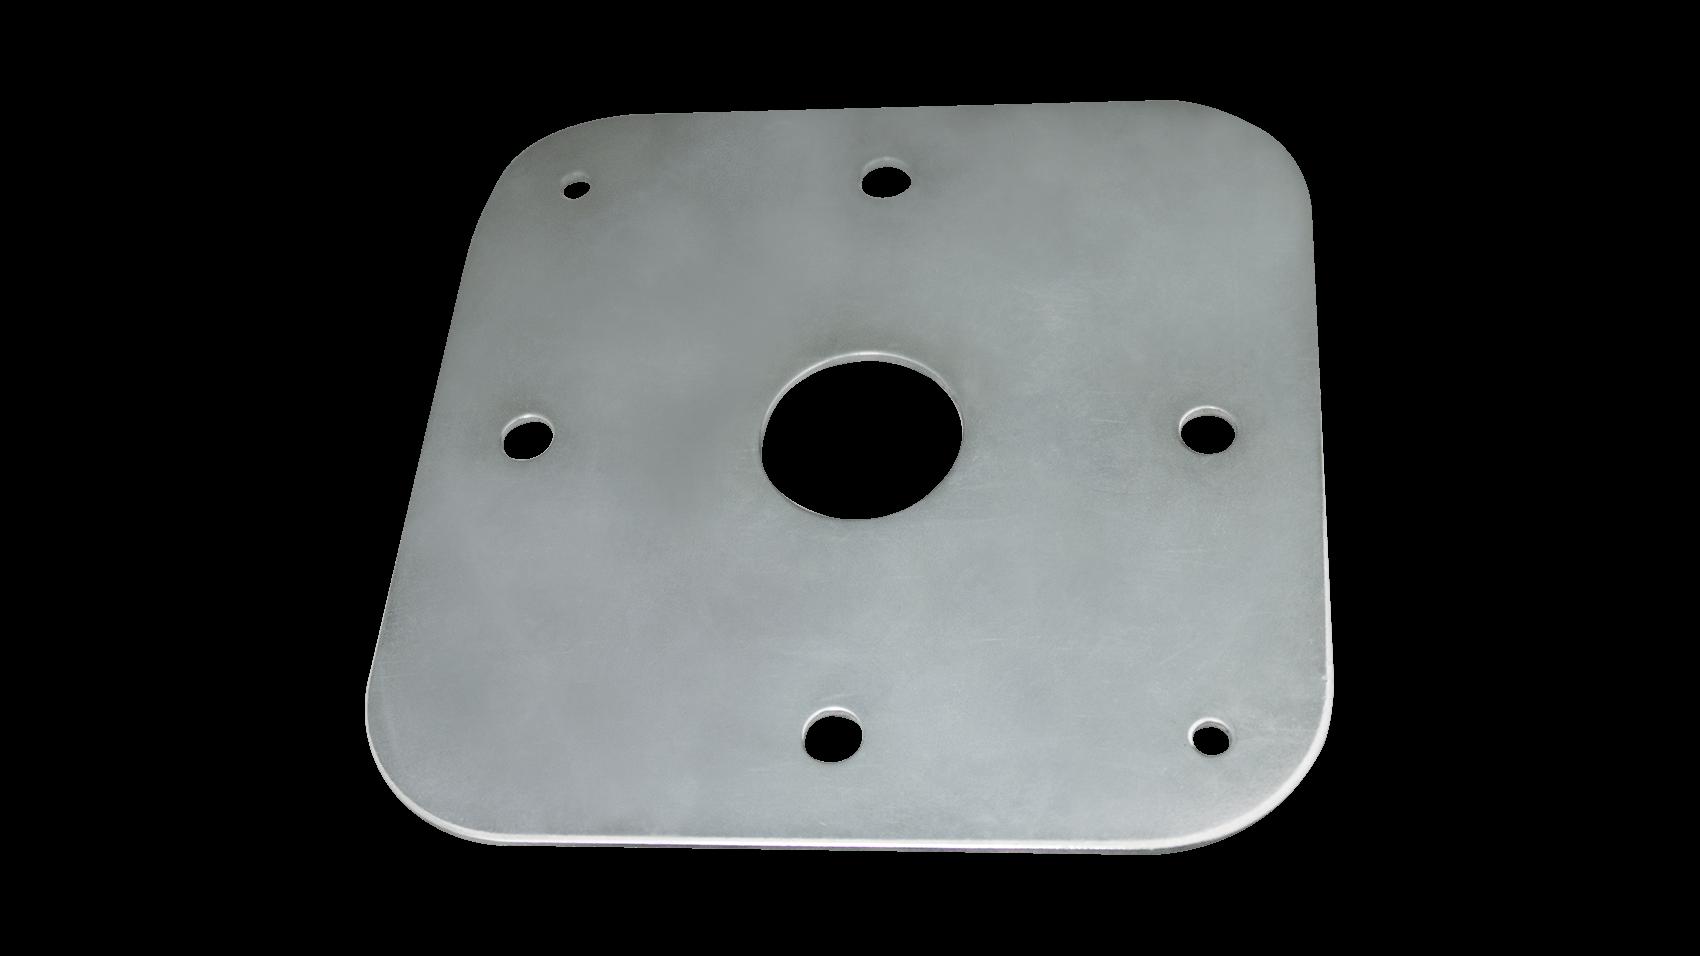 megasat_dvb-t_antenne_t3_adapterplatte